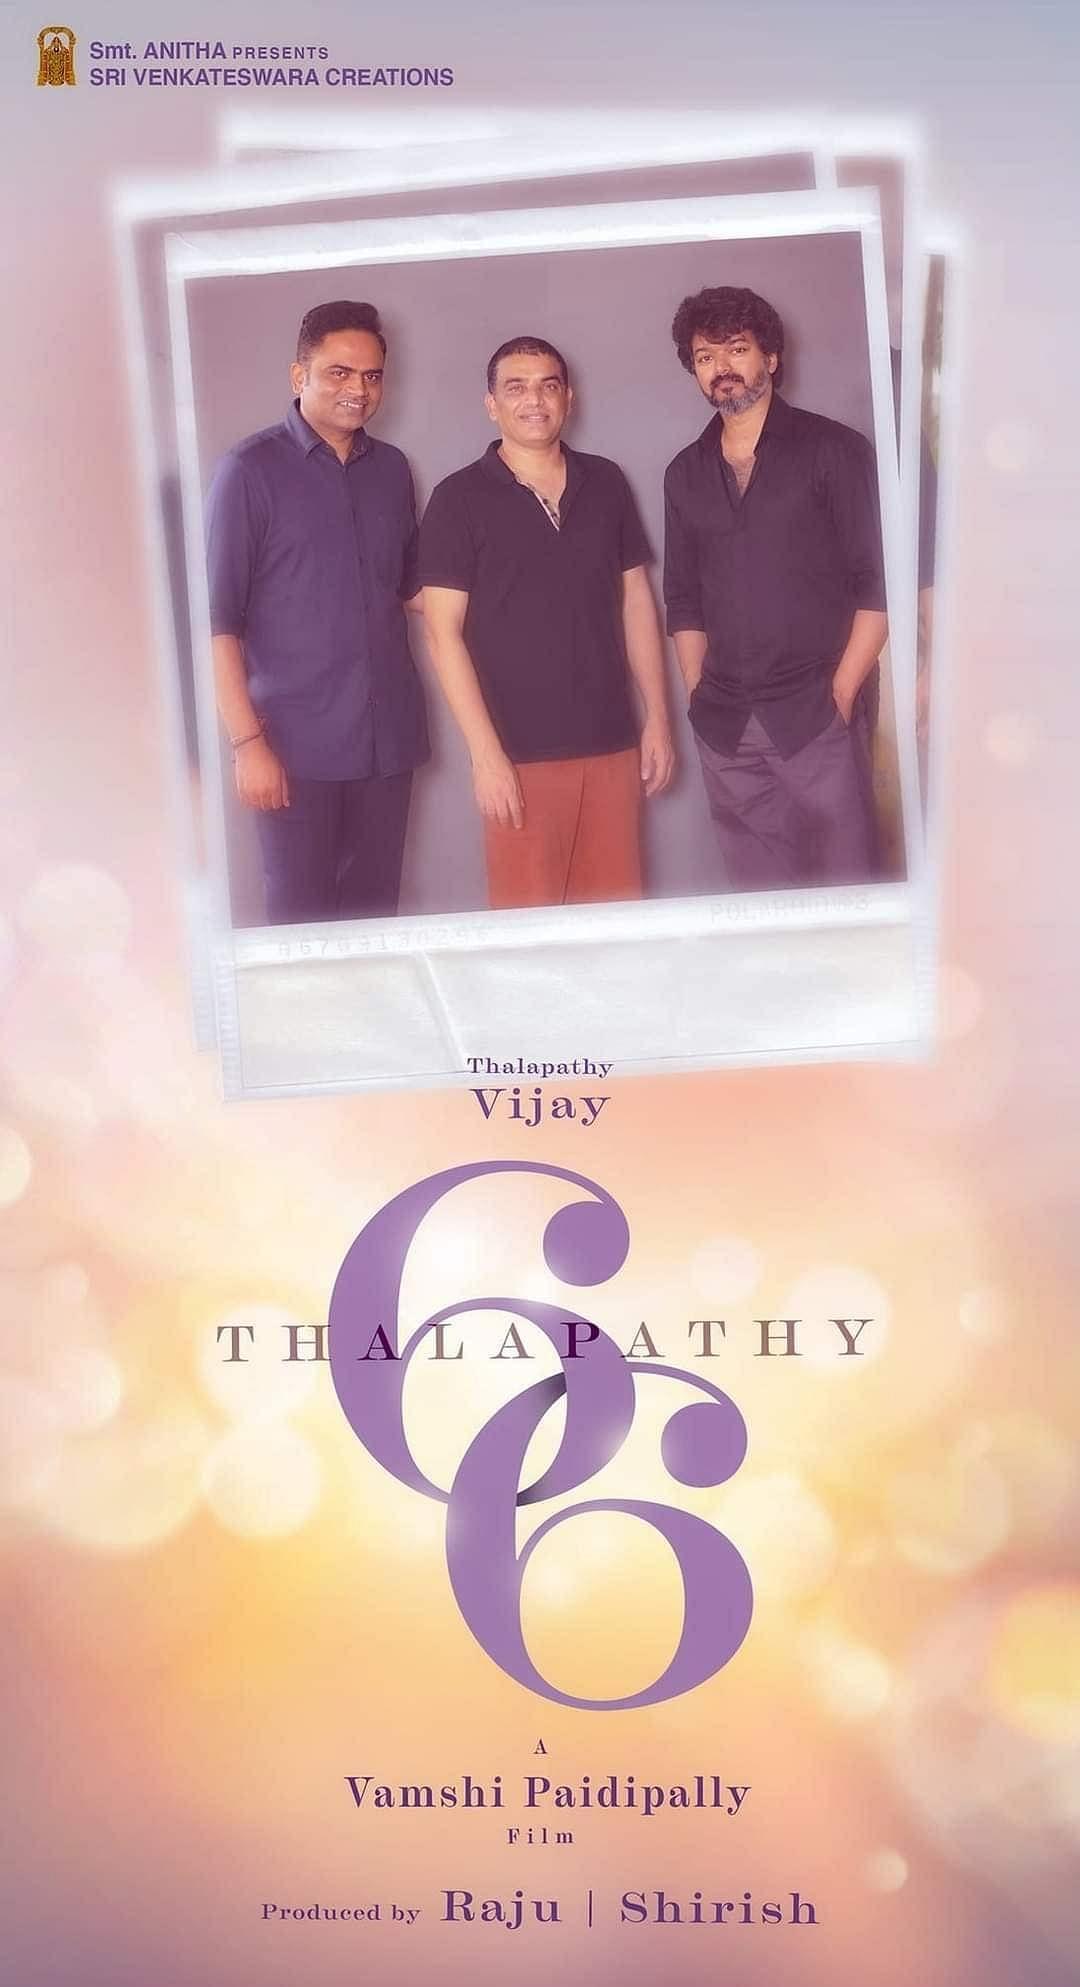 விஜய் ரசிகர்களுக்கு ஹேப்பி நியூஸ்.. வெளியானது 'தளபதி 66' அப்டேட்! #Thalapathy66